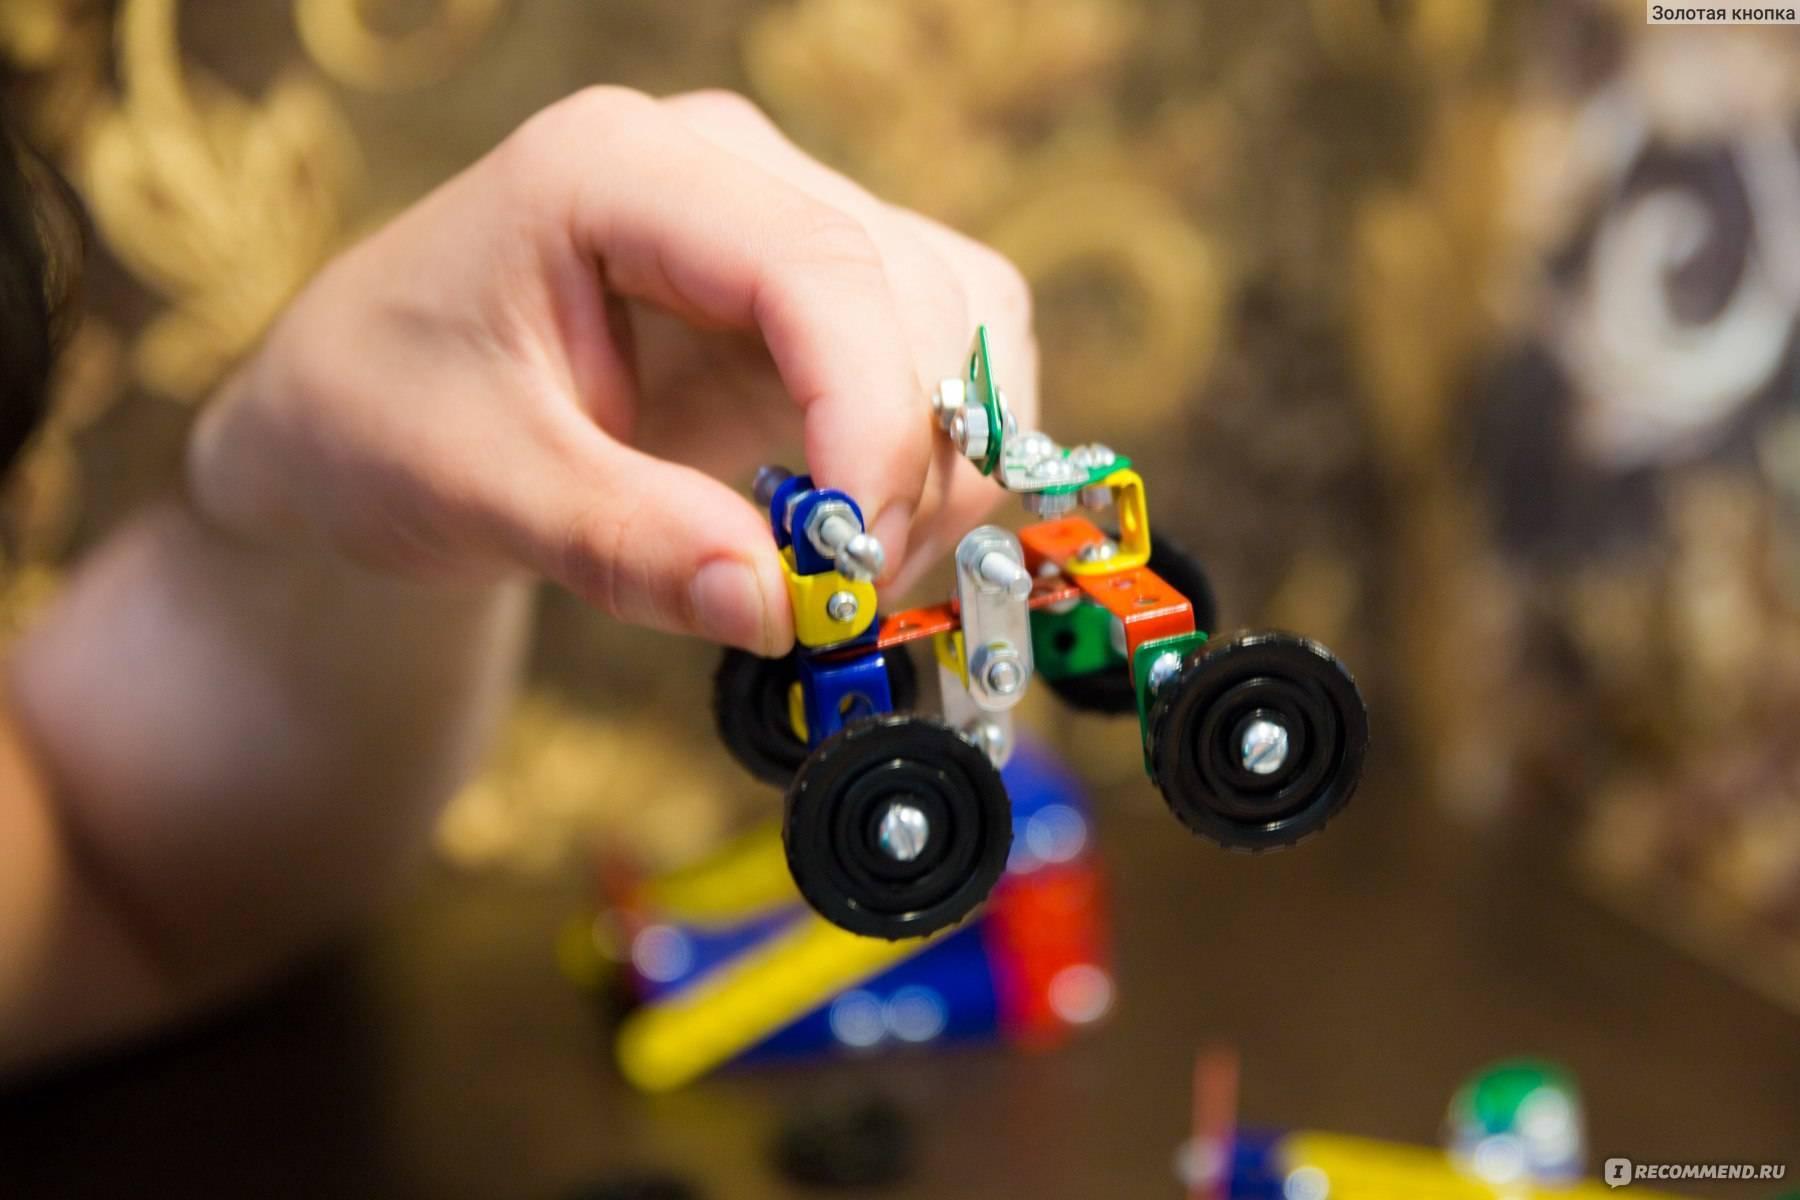 Что подарить мальчику на 5 лет — простые ответы на сложные вопросы